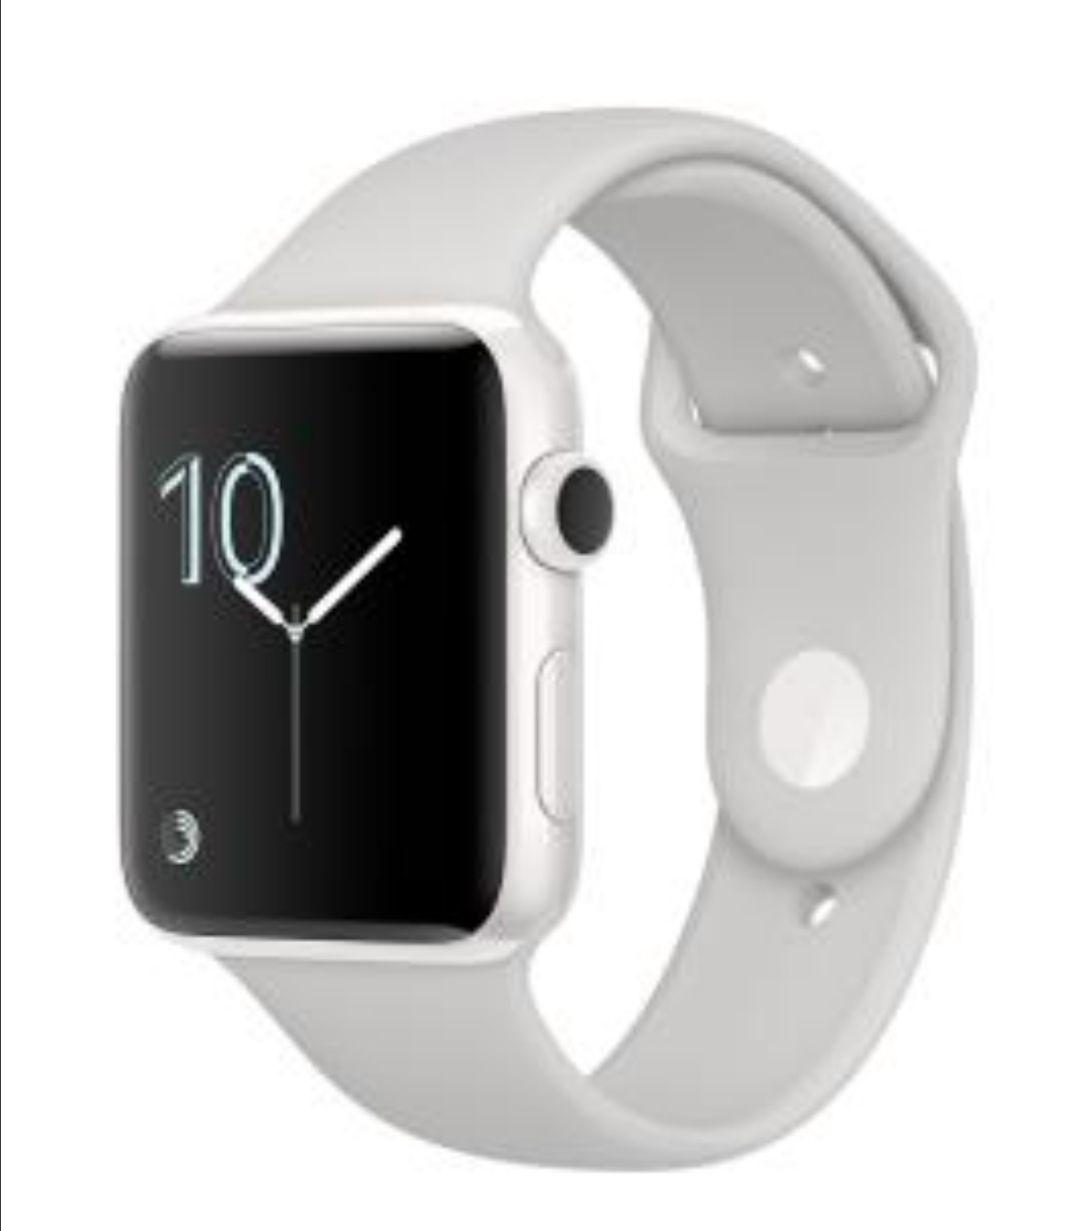 Montre connectée Apple Watch - 38mm, Boîtier en céramique blanc